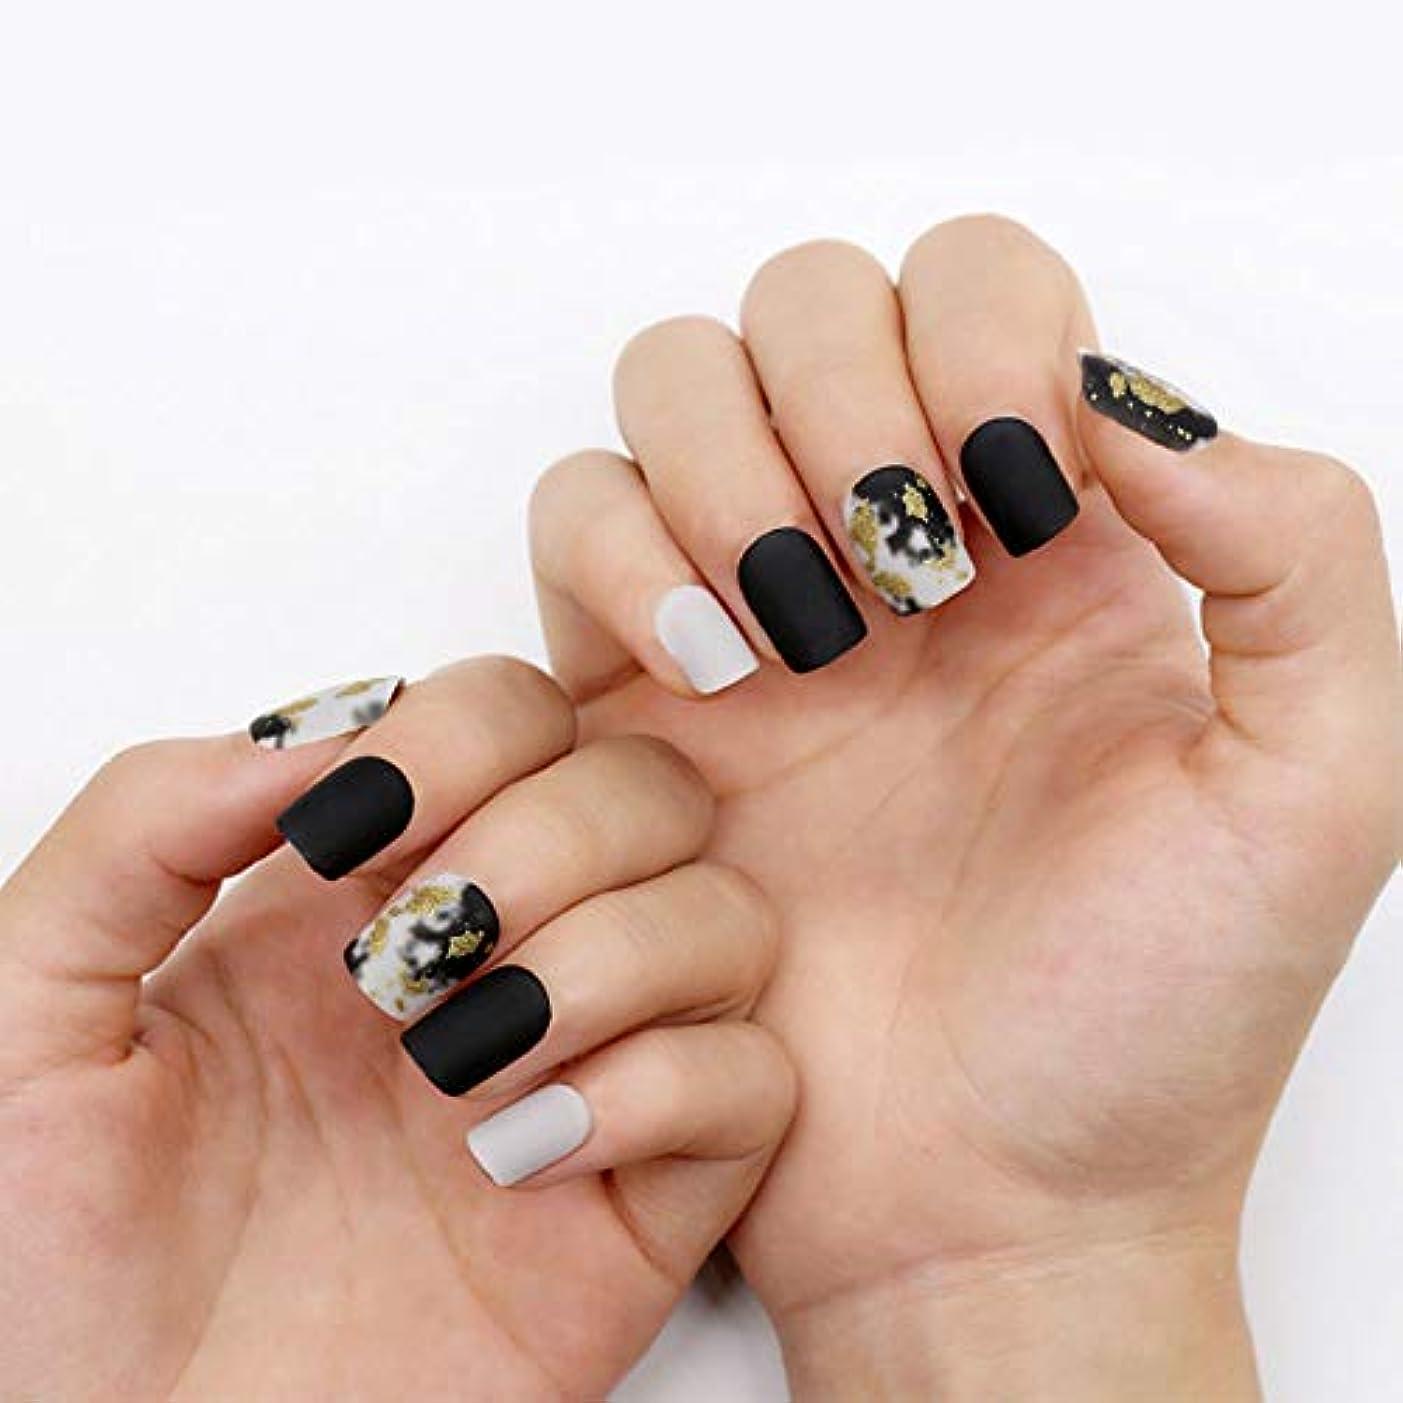 相対サイズ高度な切手ネイルチップ 12サイズ 夏の 優雅 黒 つけ爪 ネイル用品 ショート デコレーション 無地 付け爪